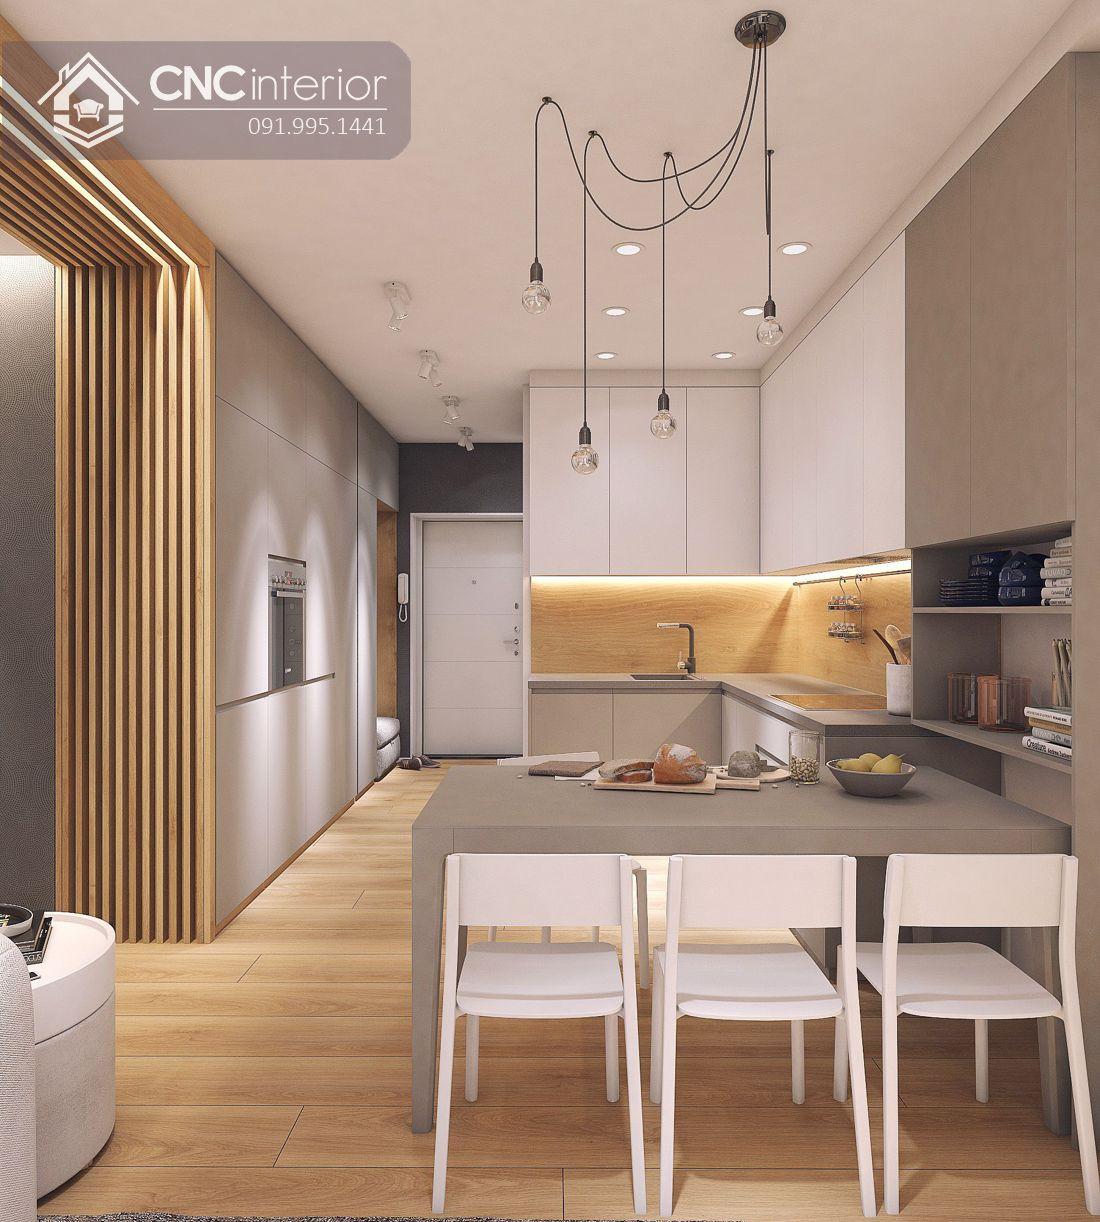 Tủ bếp đơn giản tiện nghi cho nhà nhỏ CNC 08 1